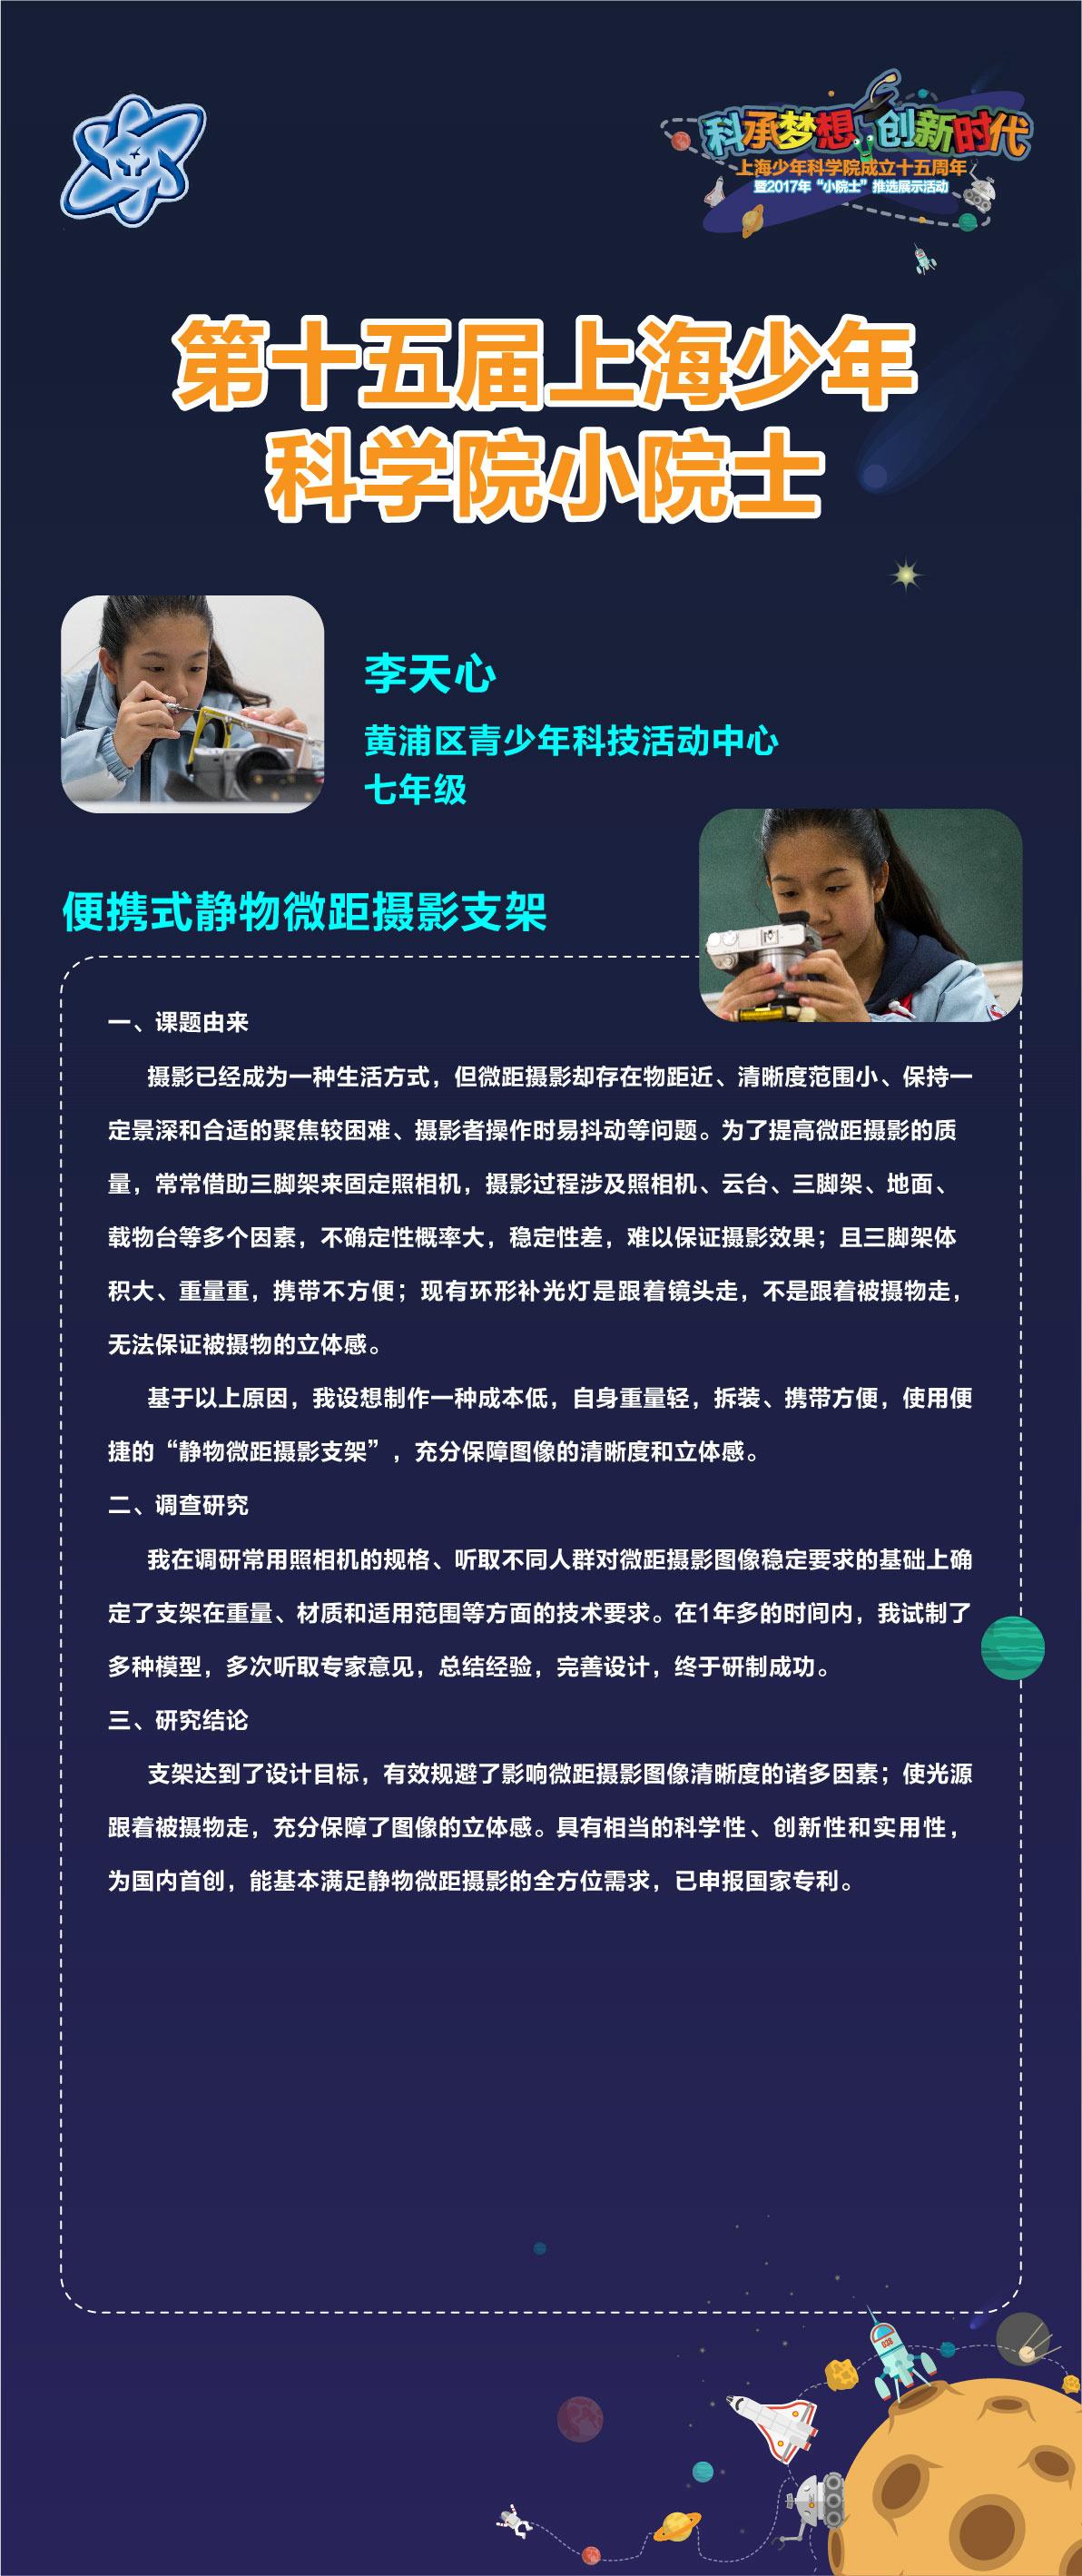 上海市普陀区少年宫_上海市青少年活动中心